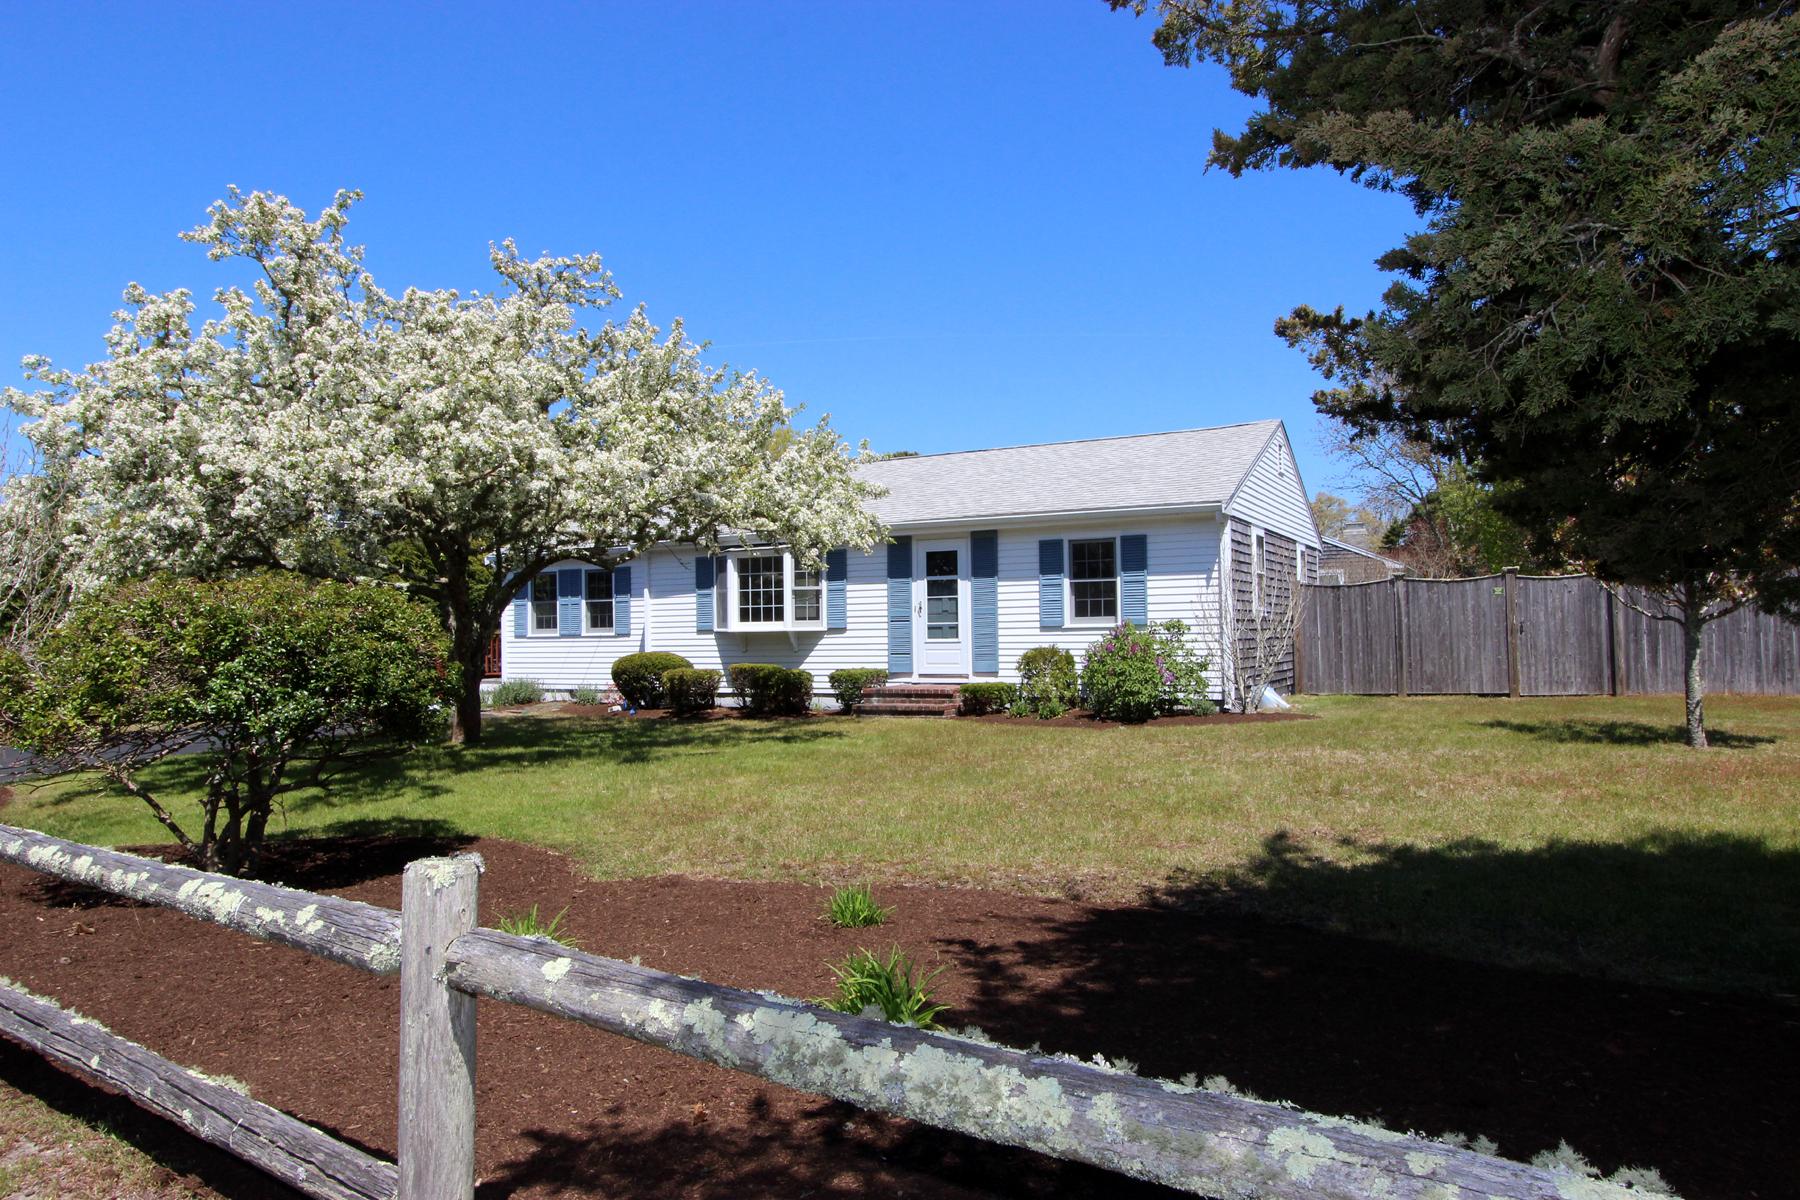 Single Family Homes για την Πώληση στο 48 Center Street, South Dennis, MA South Dennis, Μασαχουσετη 02660 Ηνωμένες Πολιτείες